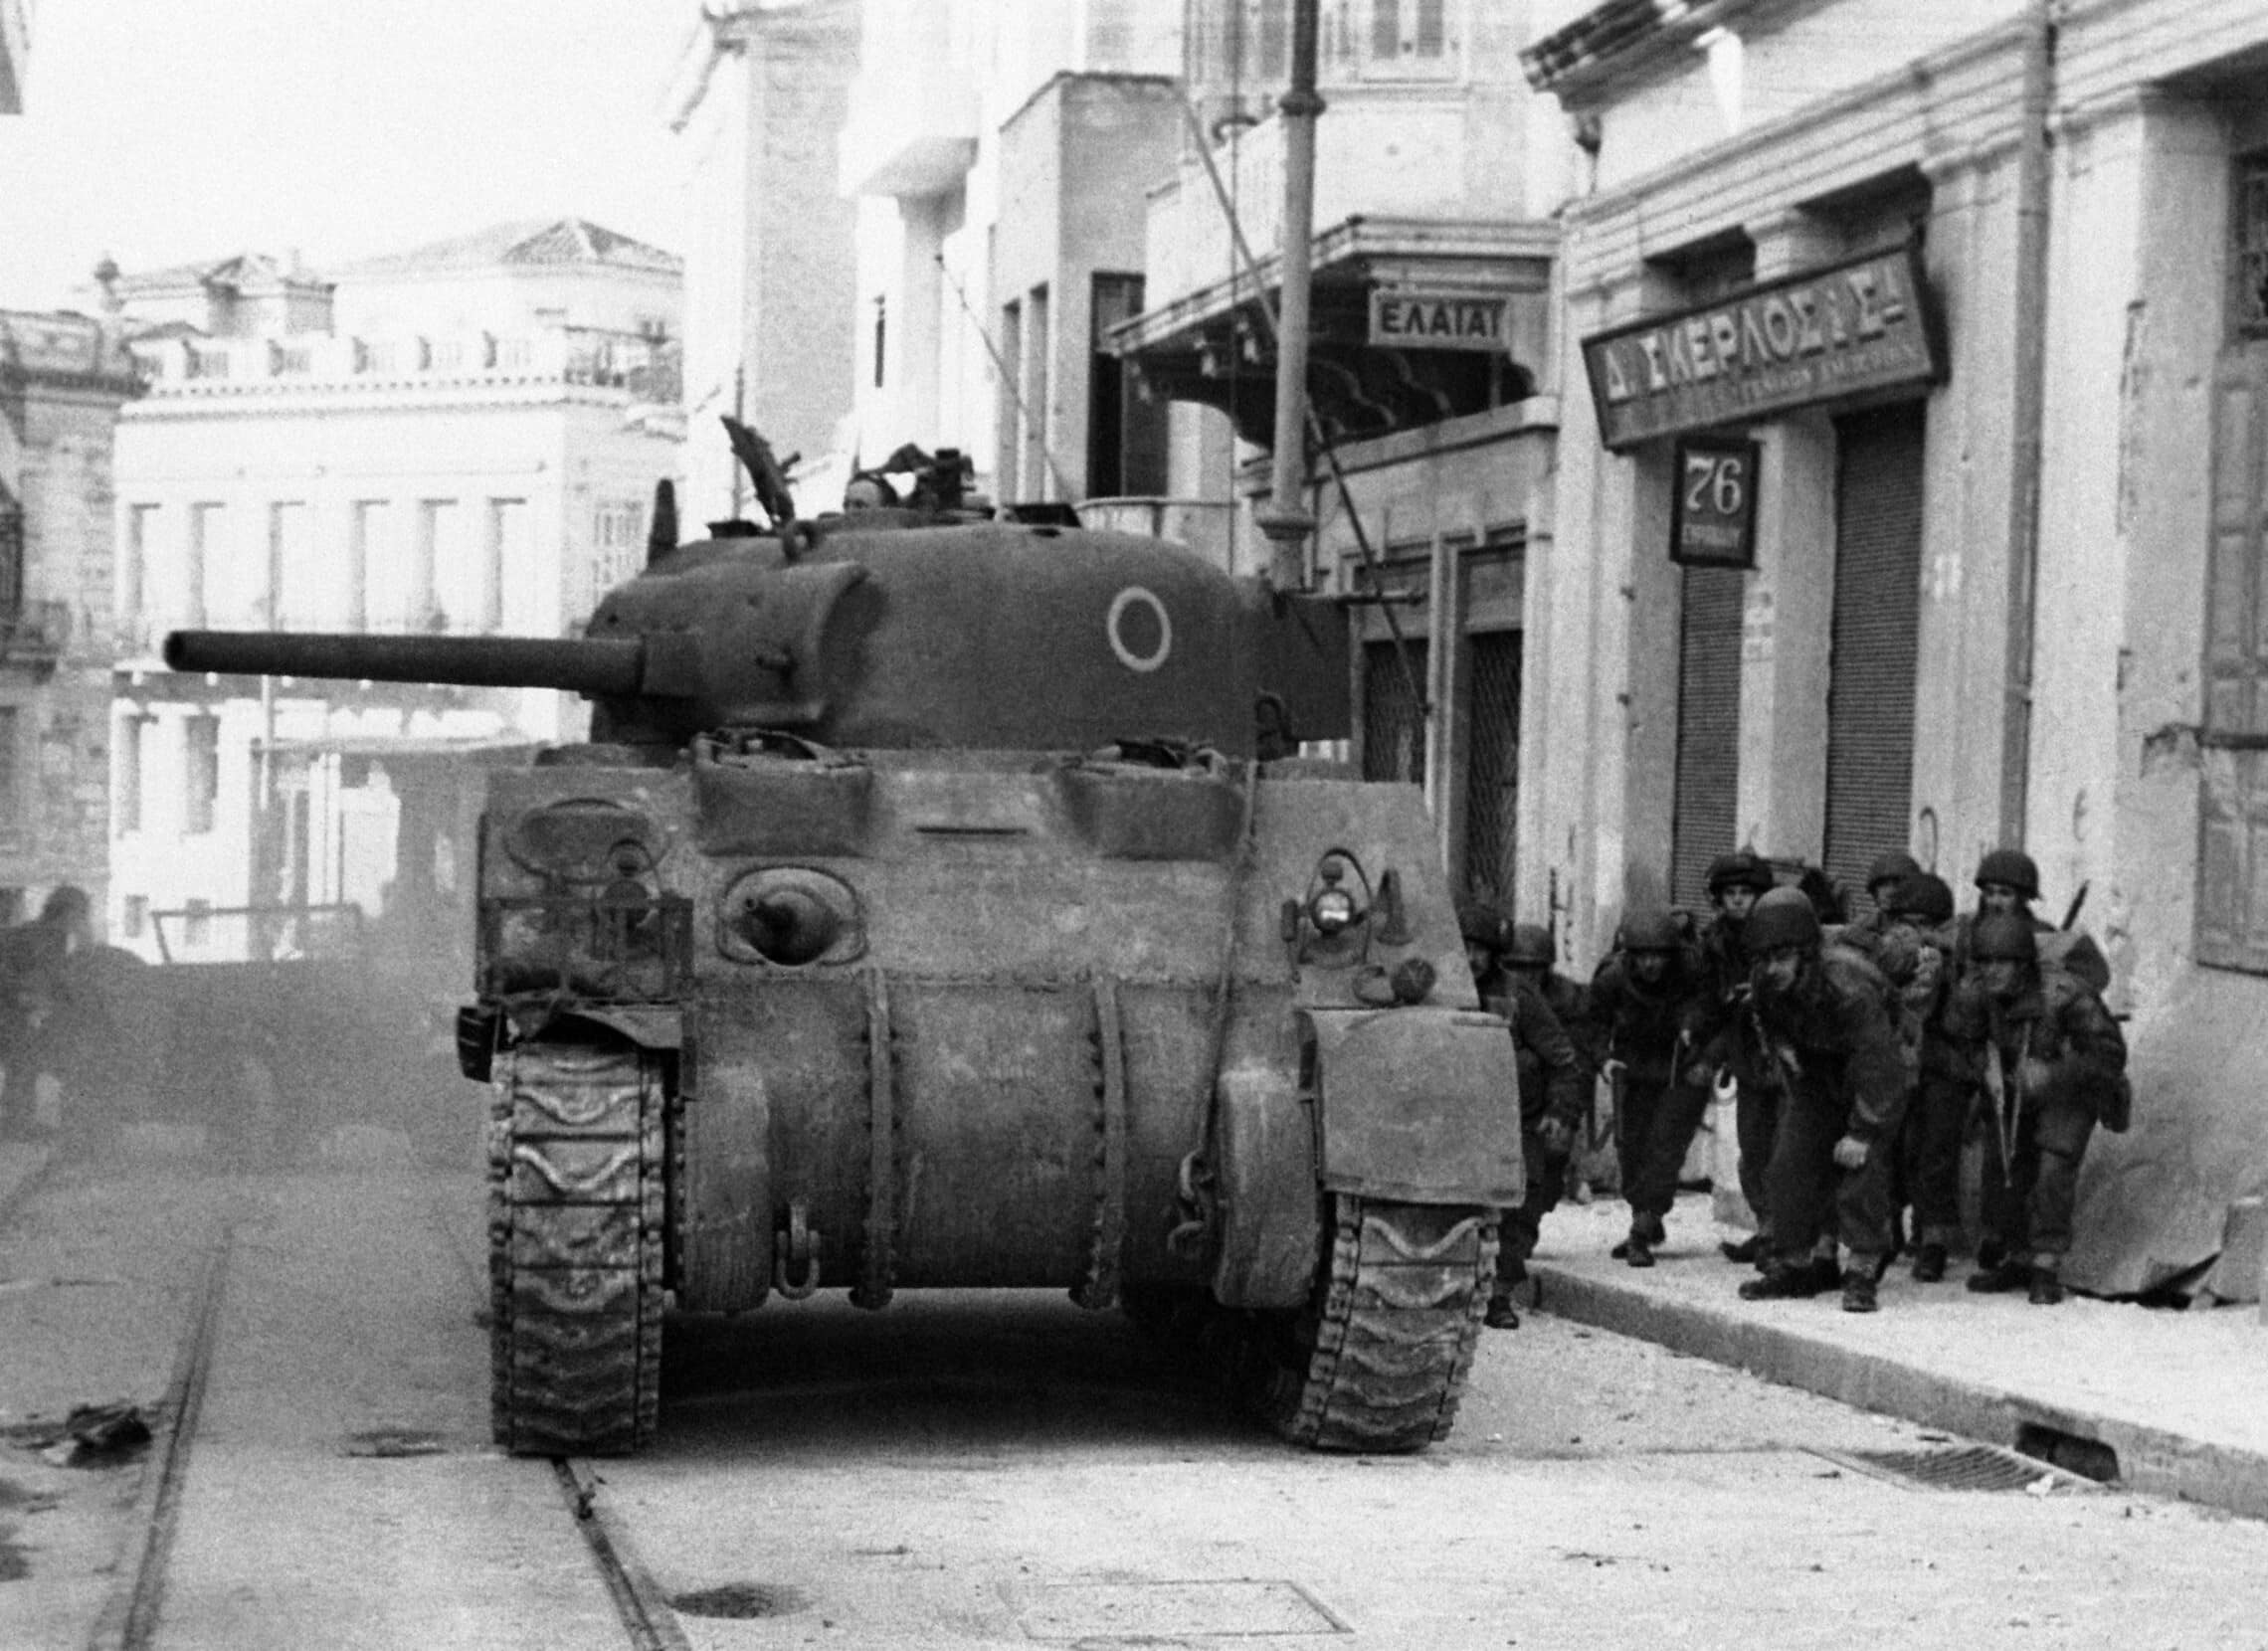 טנק בריטי ברחובות אתונה, יוון, ב-29 בדצמבר 1944 (צילום: AP Photo)